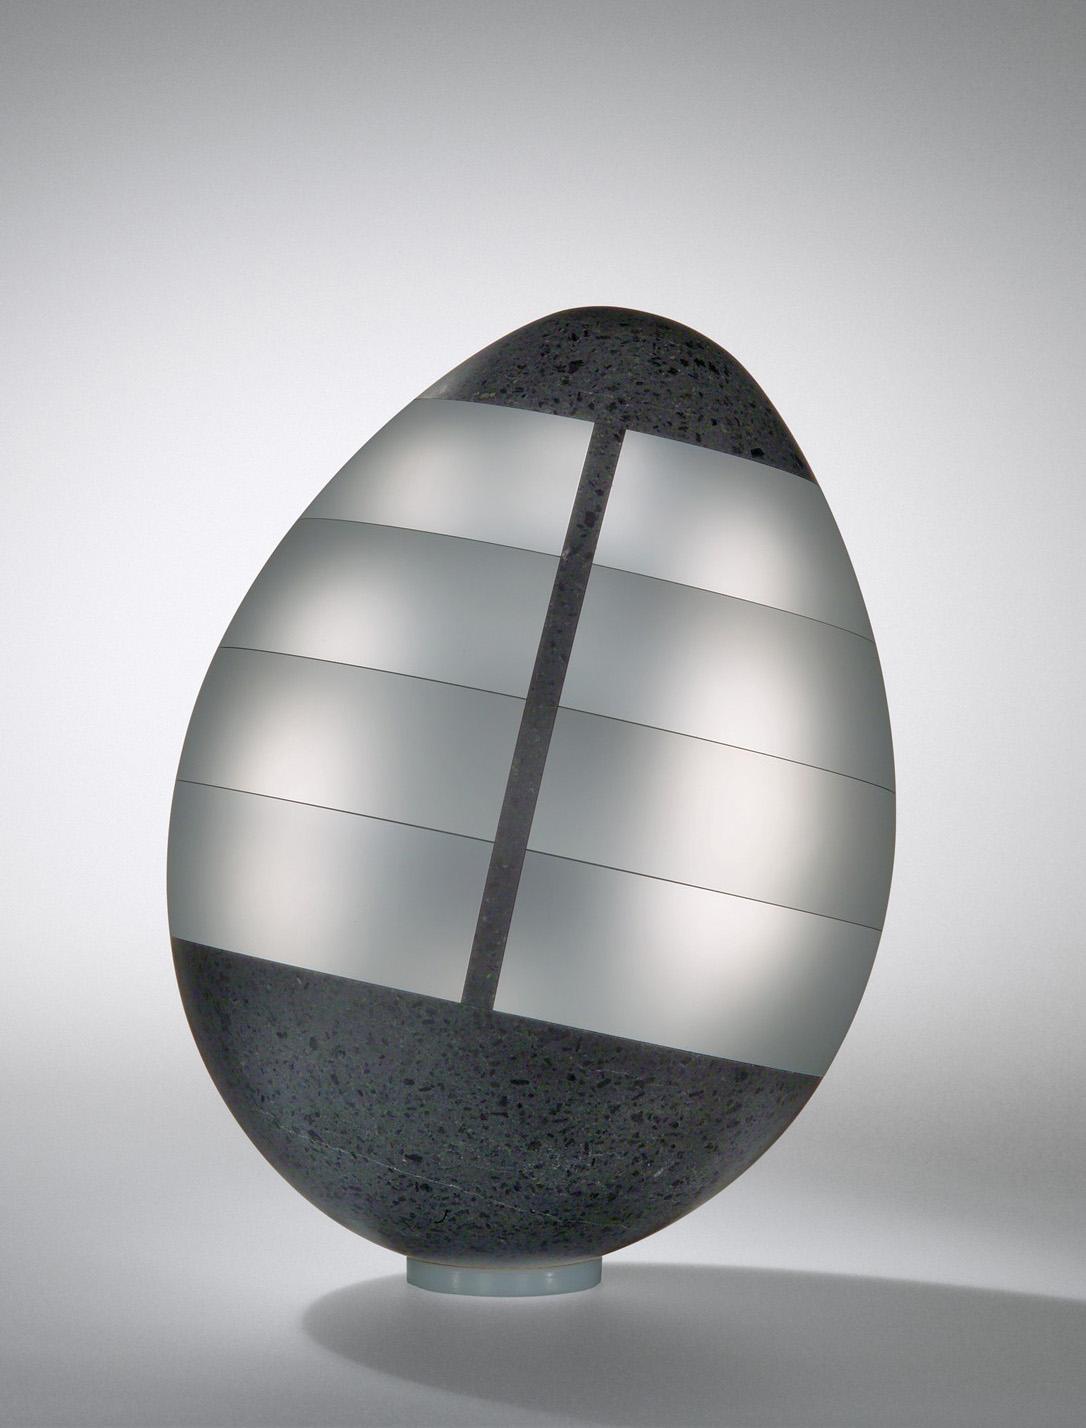 Mysterious Egg. Jan Mares (Czech, 1953-2005), Novy Bor, Czech Republic, 2005. 2005.3.4.